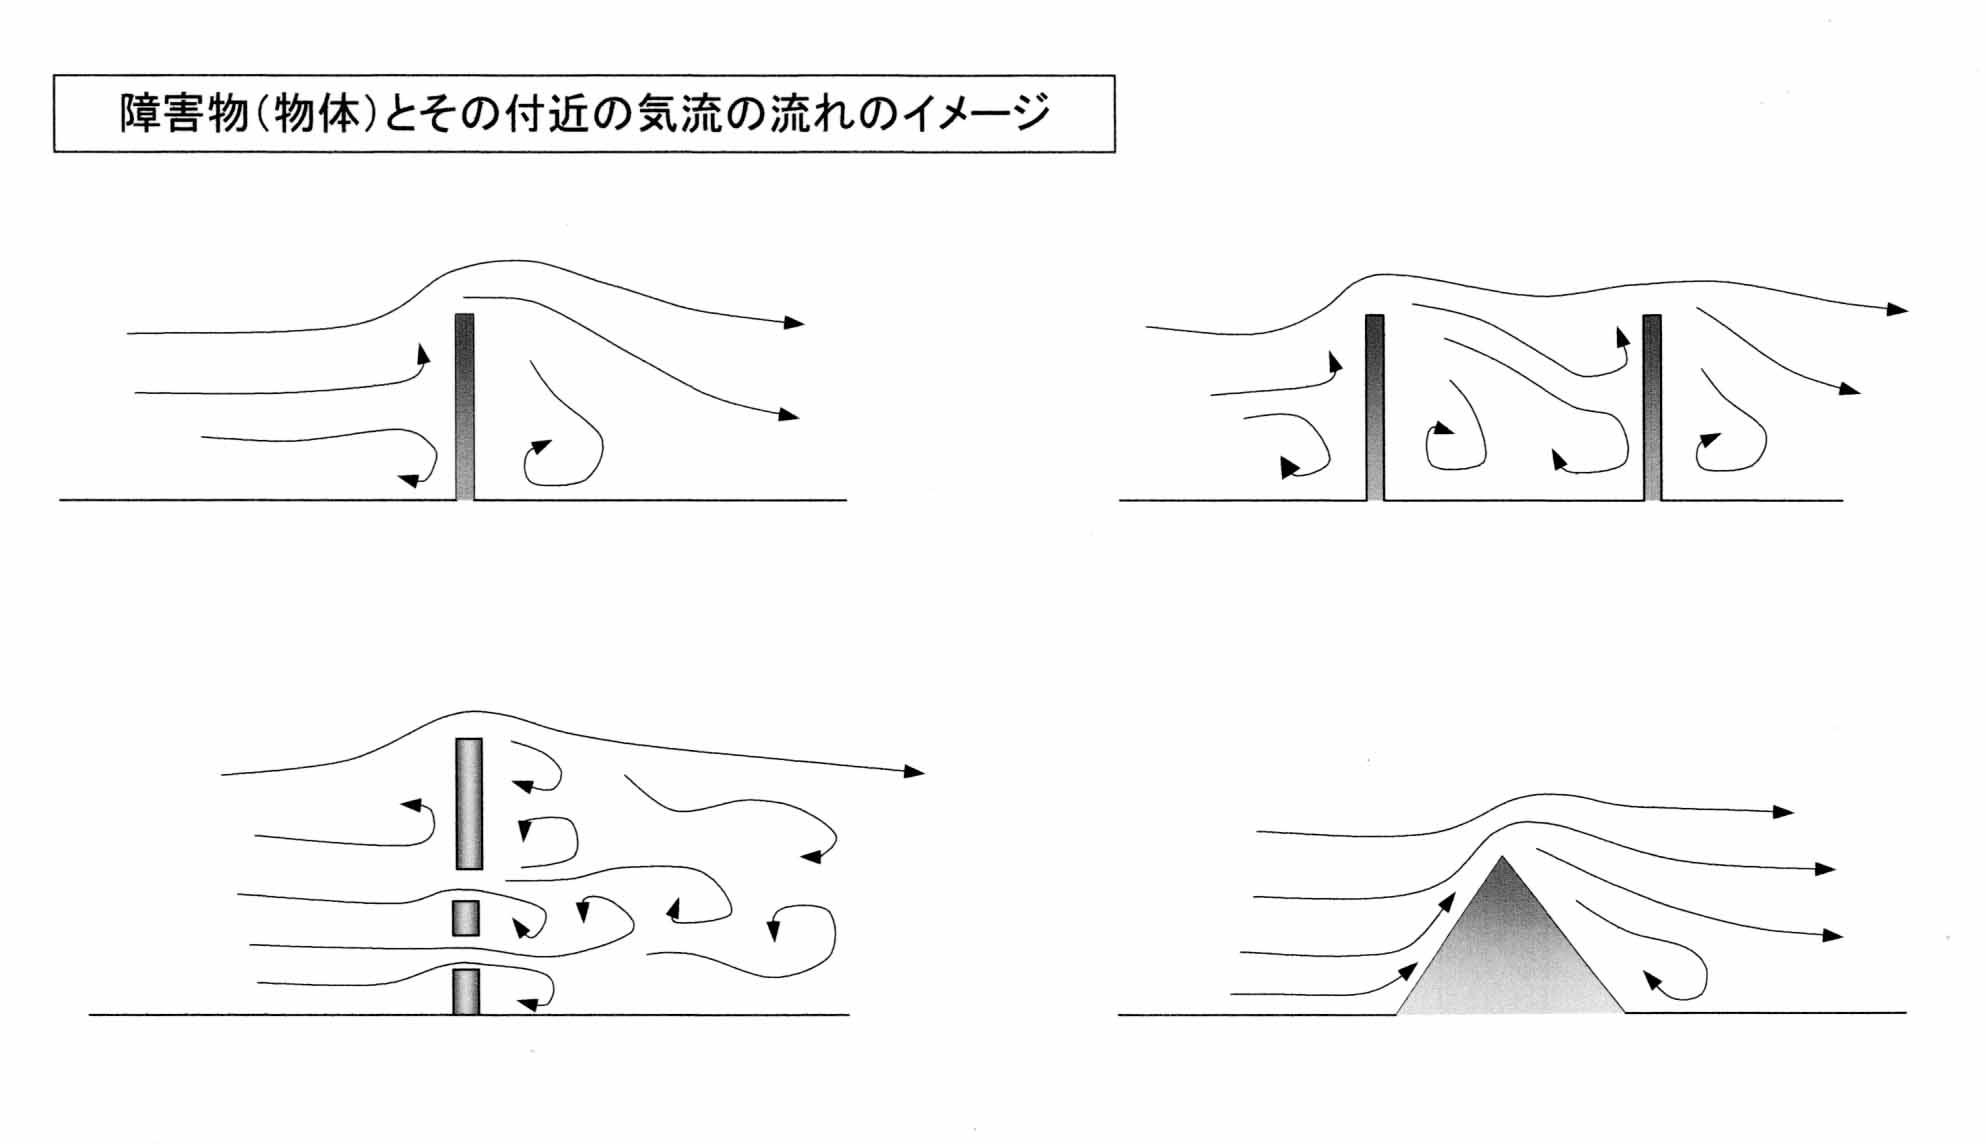 図面 障害物とその回りの気流の流れ(イメージ)